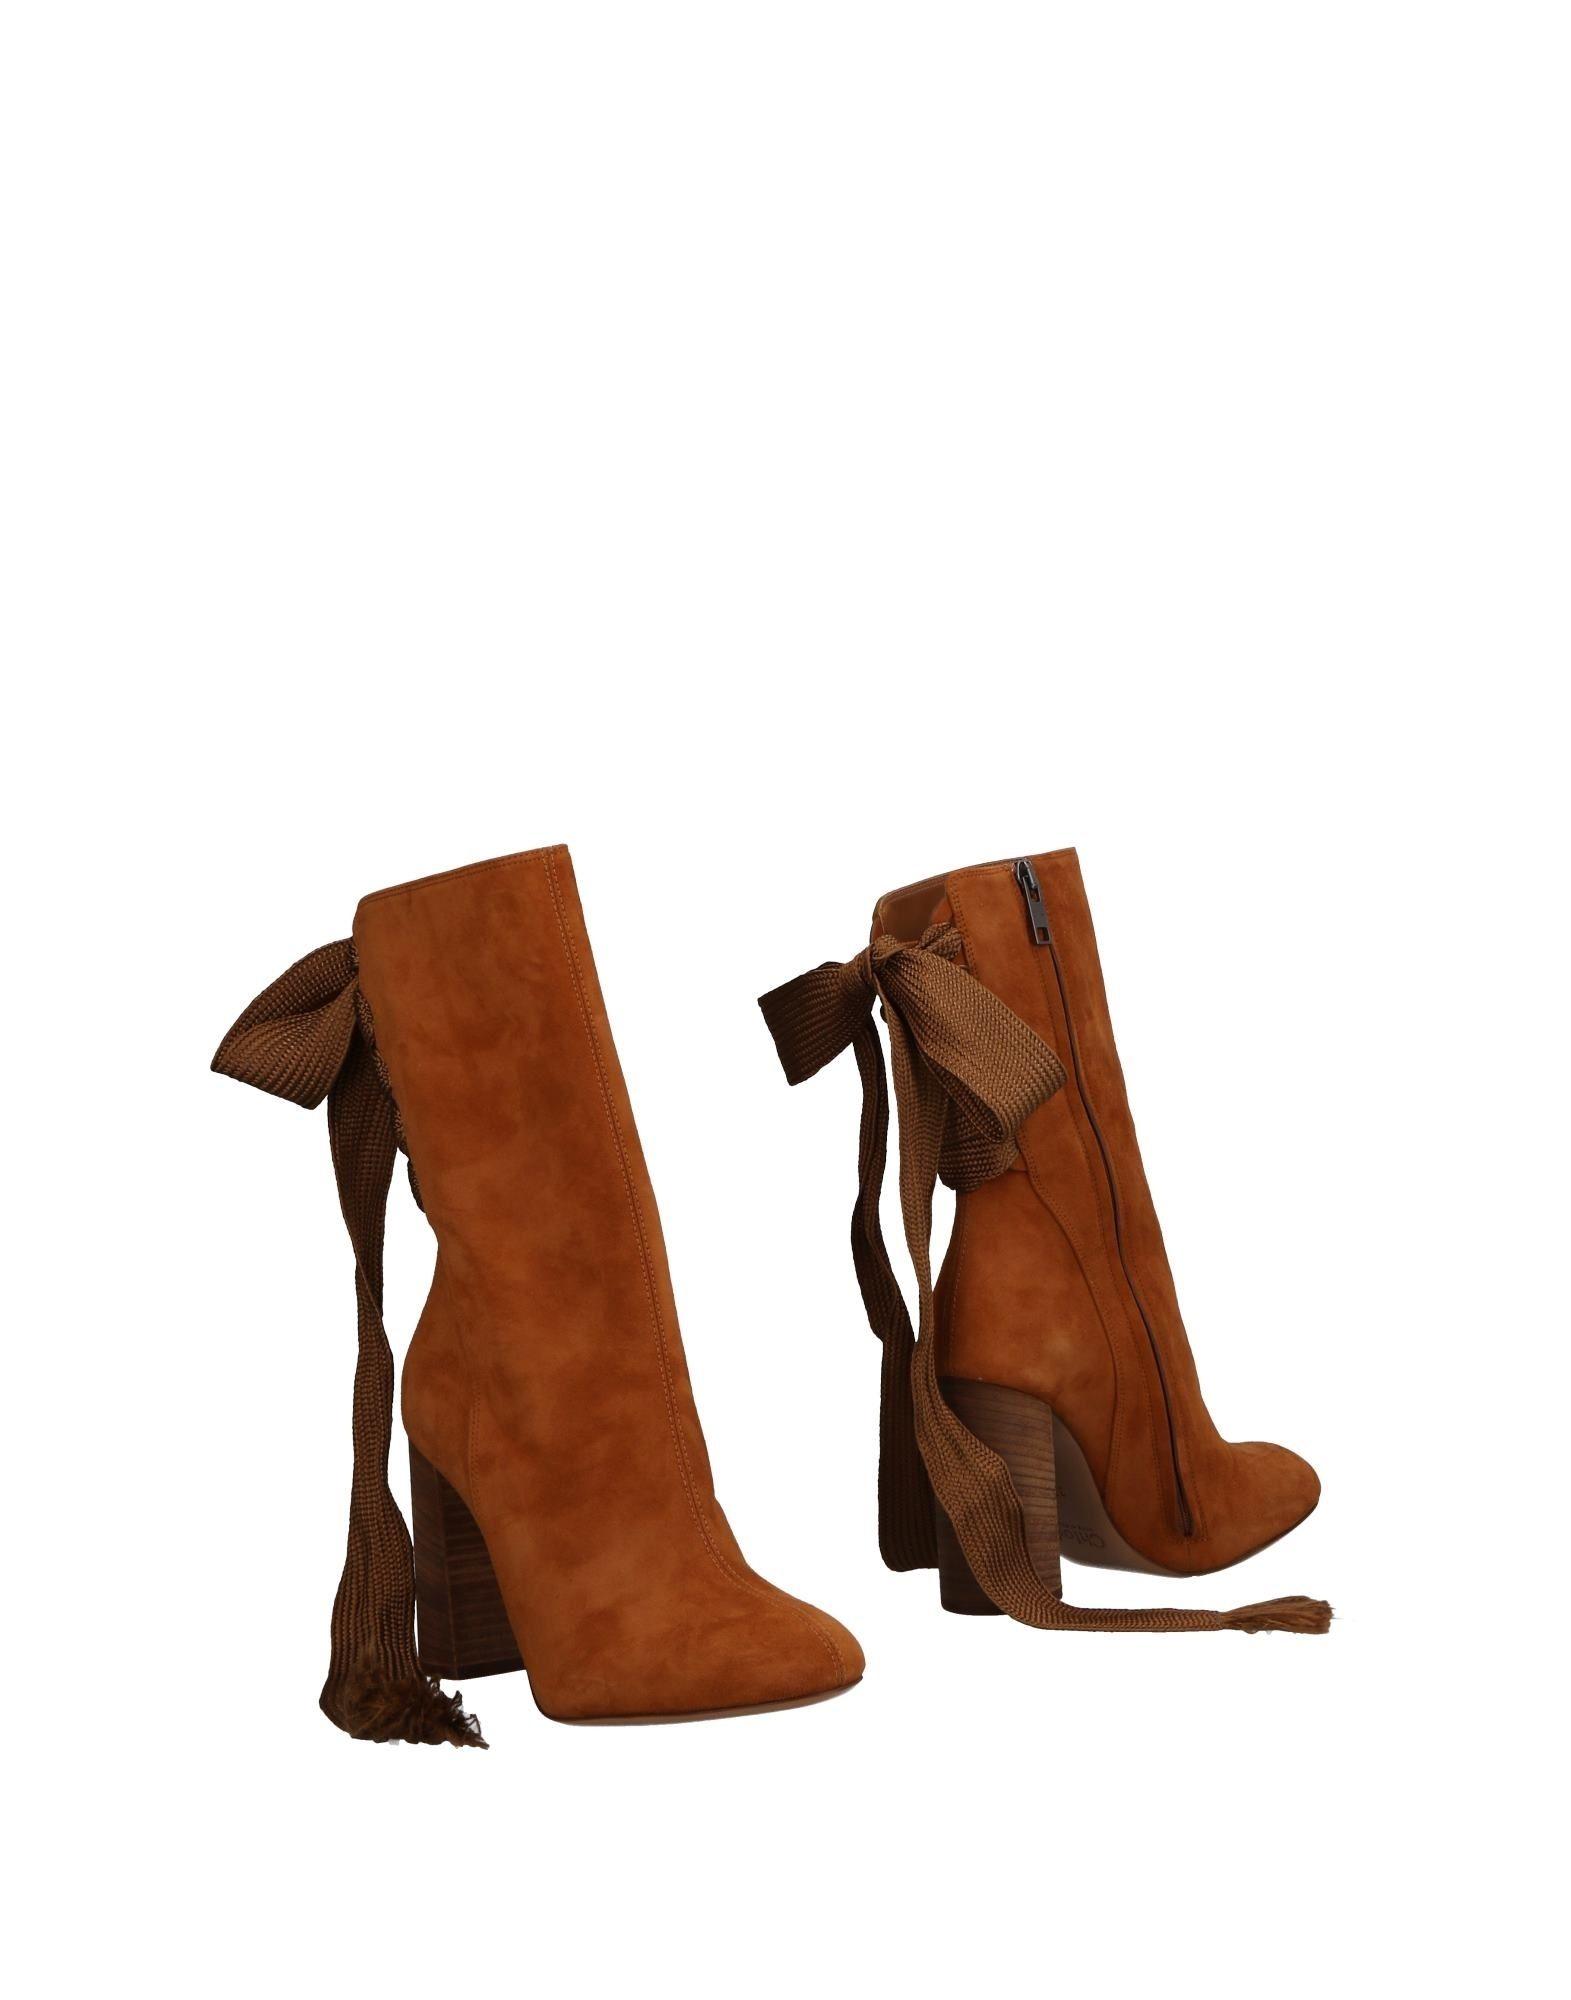 Chloé Stiefelette Damen  11496894MRGünstige gut aussehende Schuhe